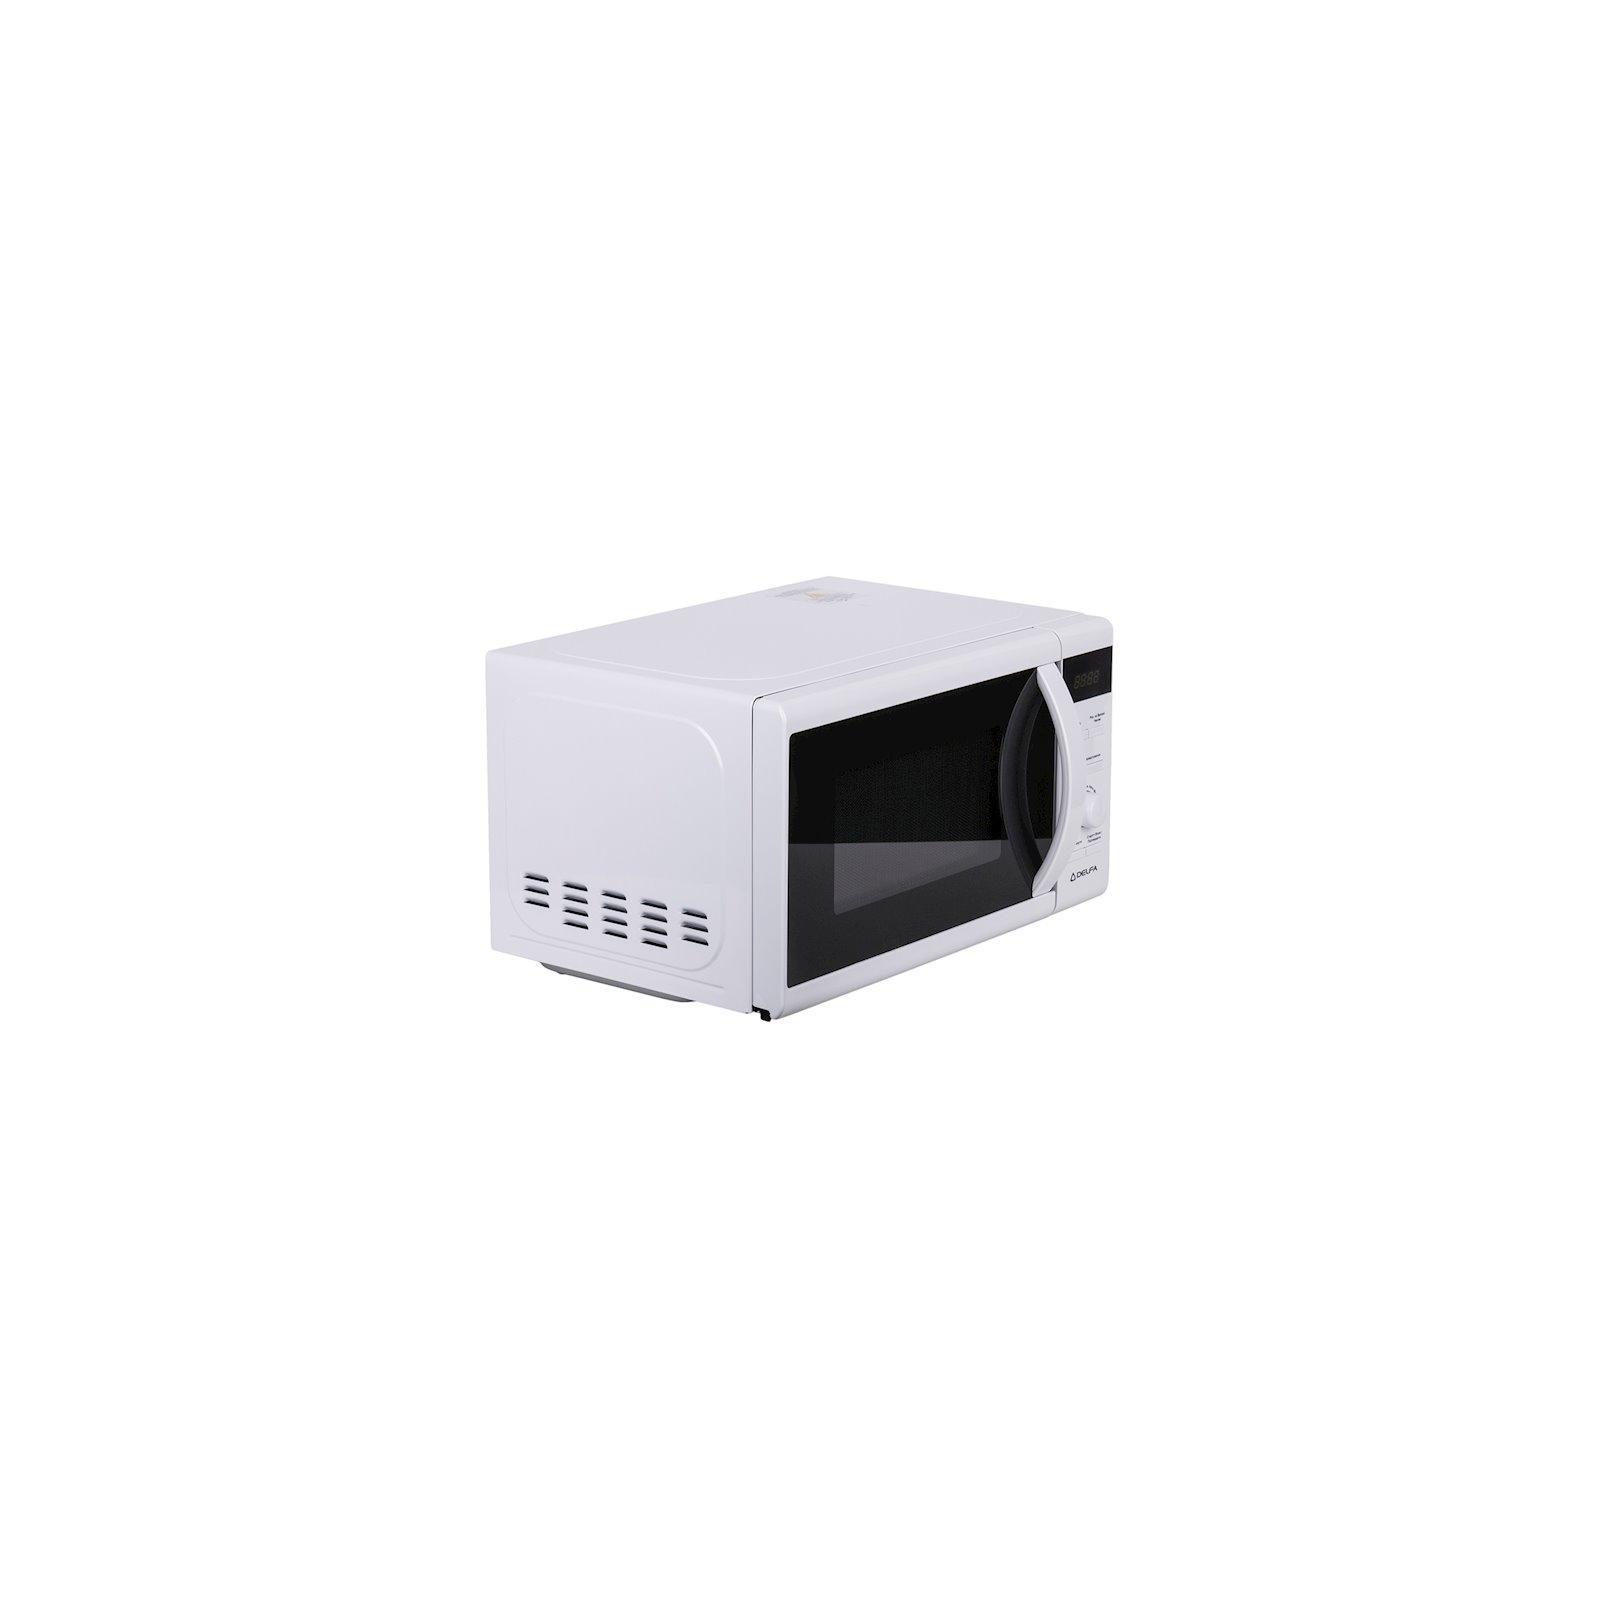 Микроволновая печь Delfa MD201DW изображение 4